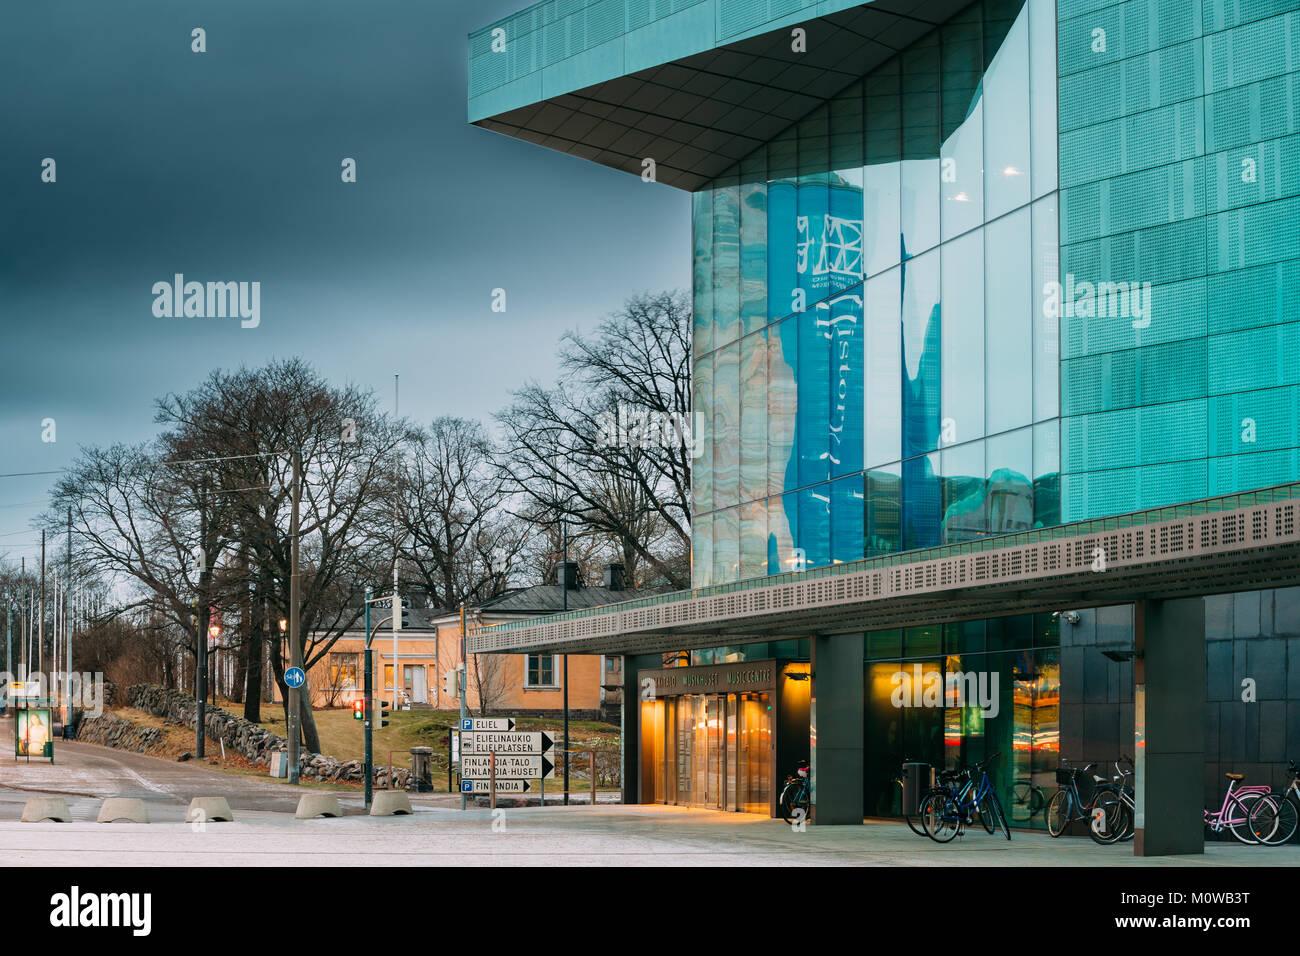 Helsinki, Finnland. Eingang zum Gebäude der Music Hall Music Center in Abend. Stockbild